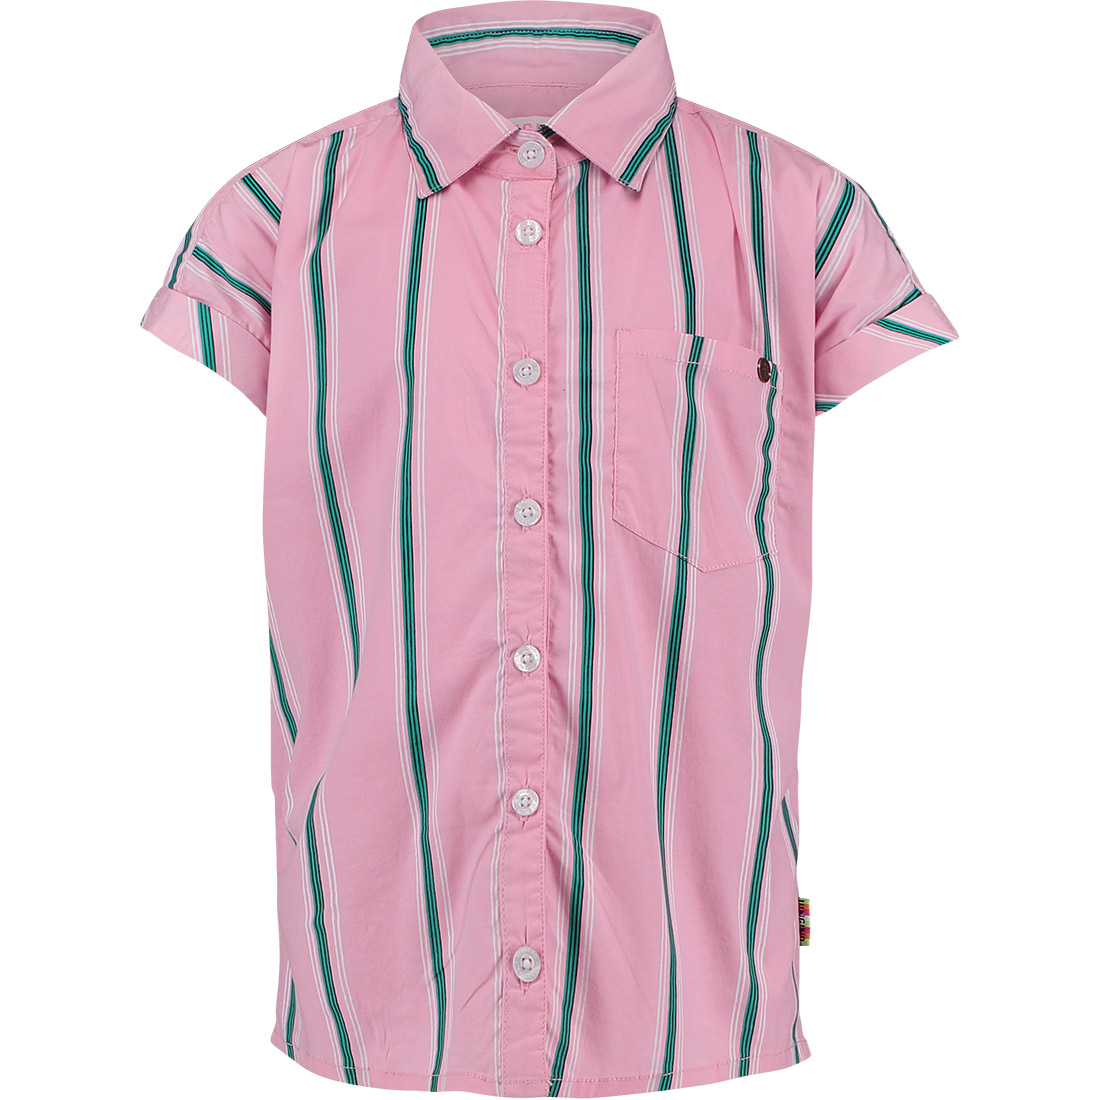 d5ea25dcdd5a91 Bestel meisjeskleding online